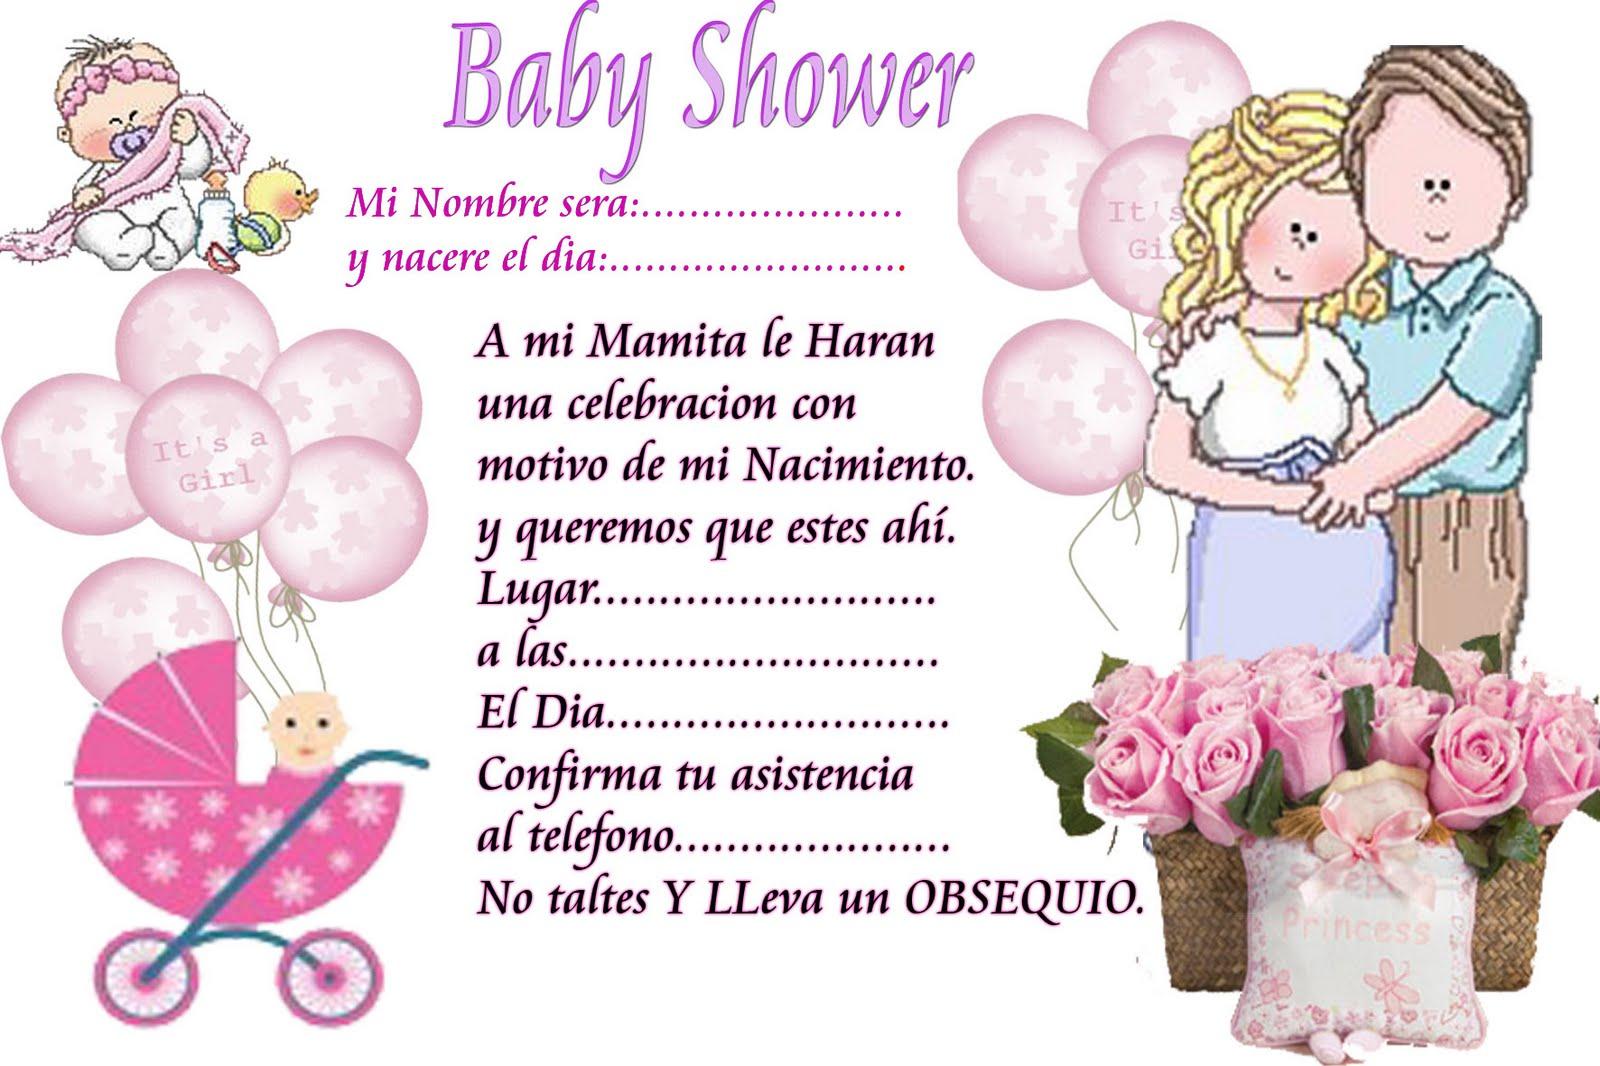 92 Invitaciones De Baby Shower Para Editar Y Descargar Gratis